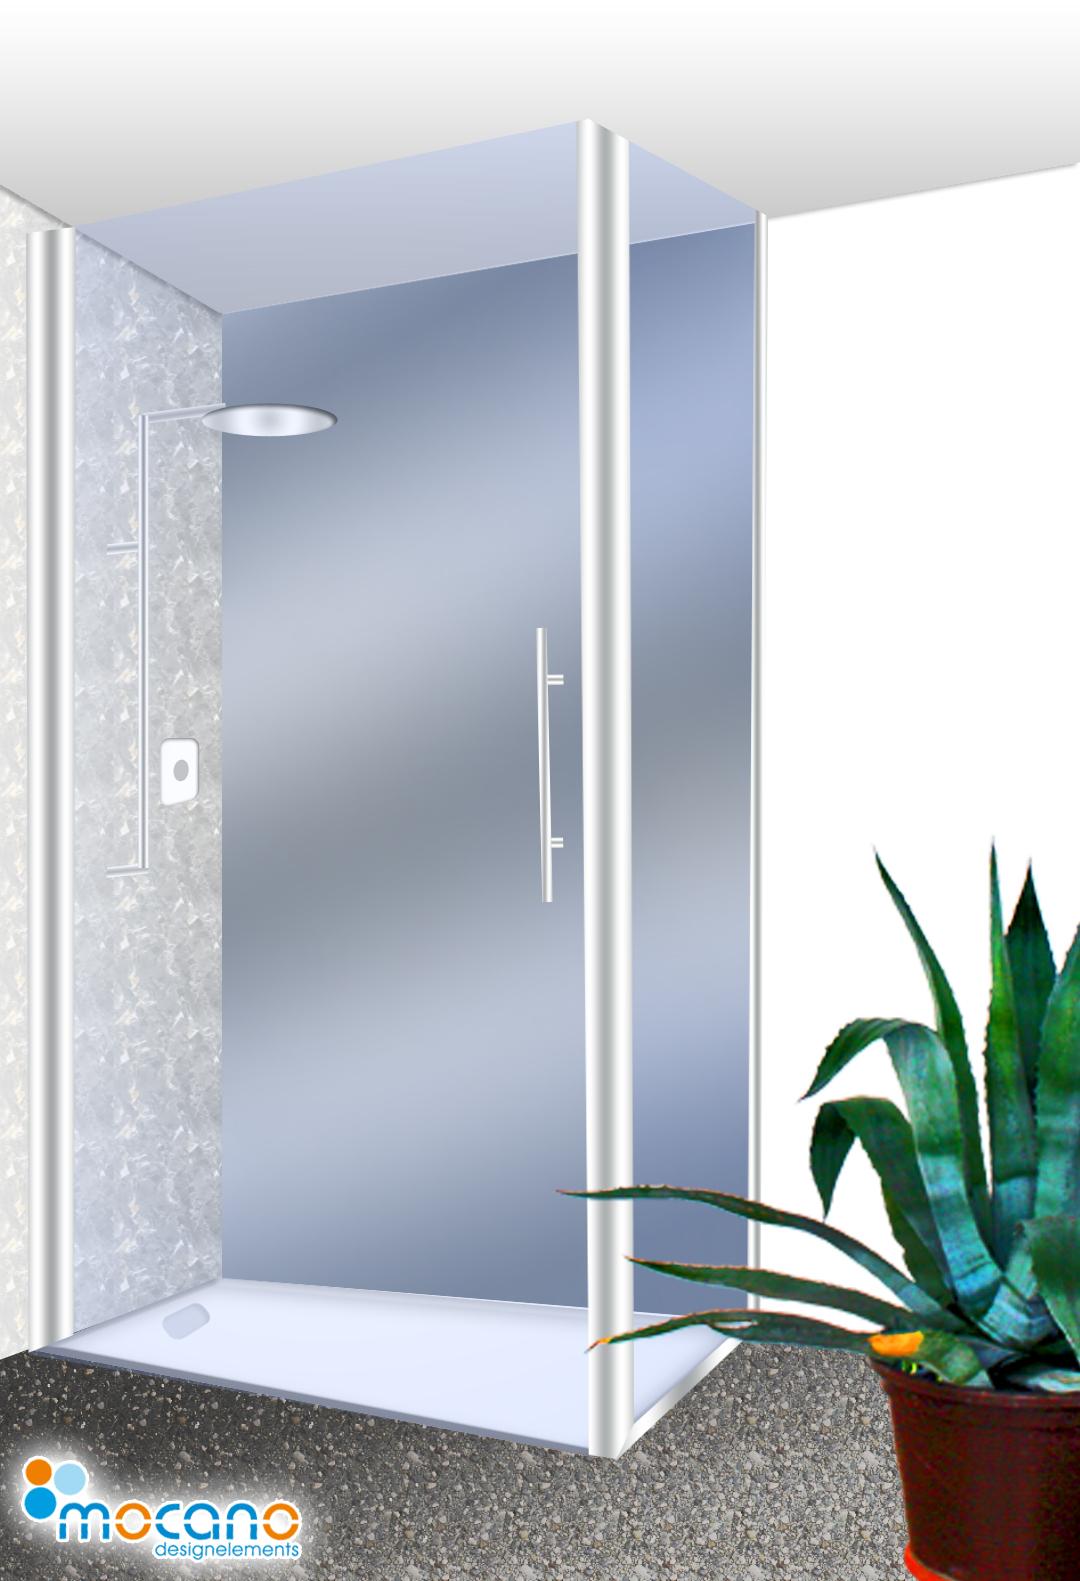 exklusive duschr ckwand metallic g nstig online kaufen mocano designelemente. Black Bedroom Furniture Sets. Home Design Ideas